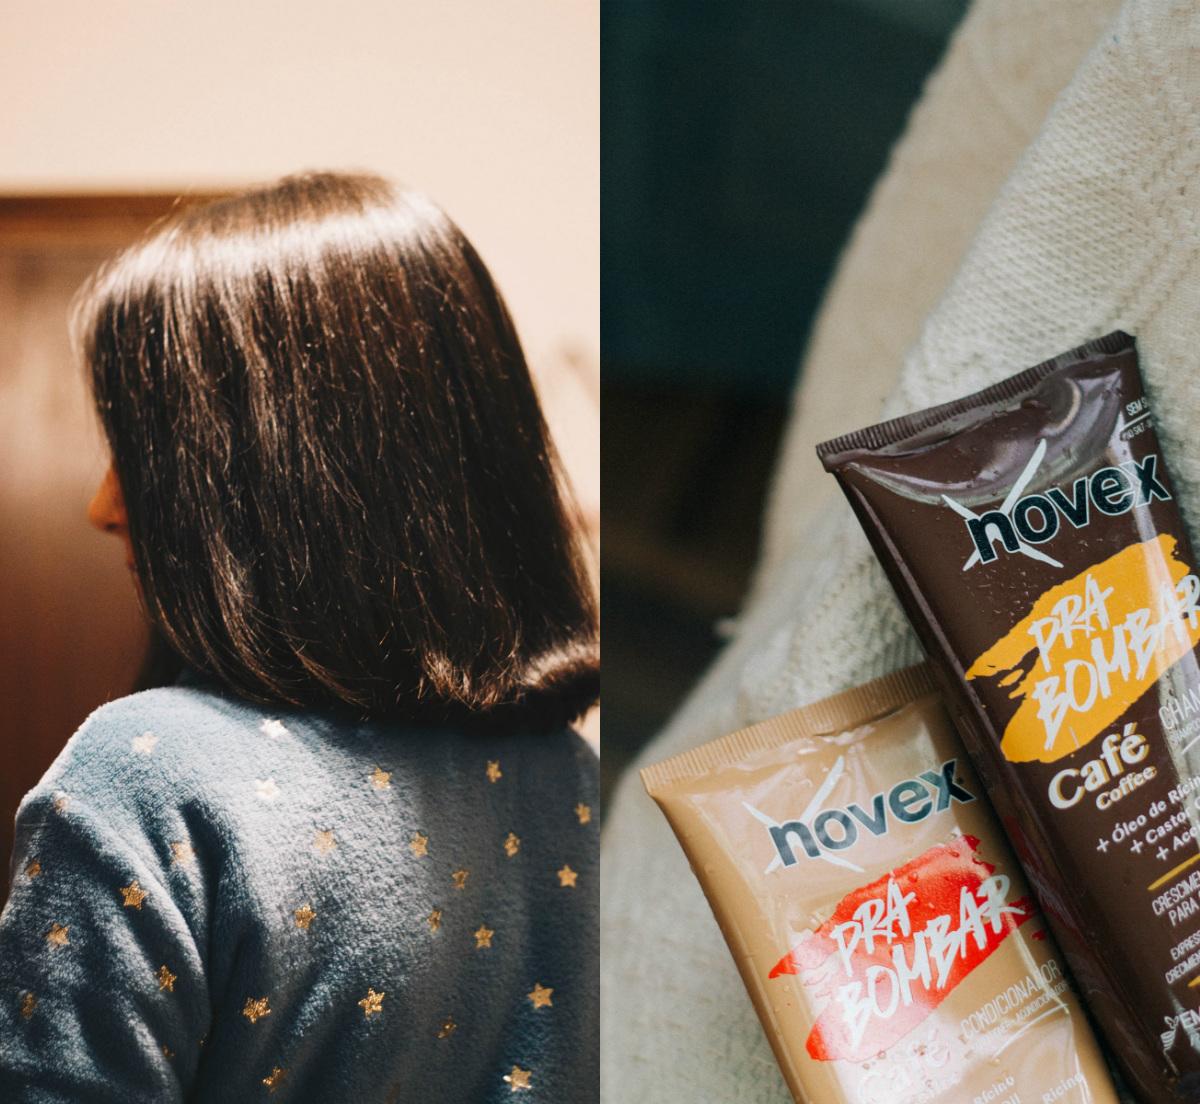 Fui desafiada pela Embelleze a experimentar a nova linha Pra Bombar Café da Novex e, com o uso contínuo, partilhar o antes e depois do meu cabelo. Mais de três meses depois, cá estou eu com uma opinião formada e resultados para mostrar. Continuem a ler para saberem mais sobre a linha que promete um crescimento expresso para o cabelo!